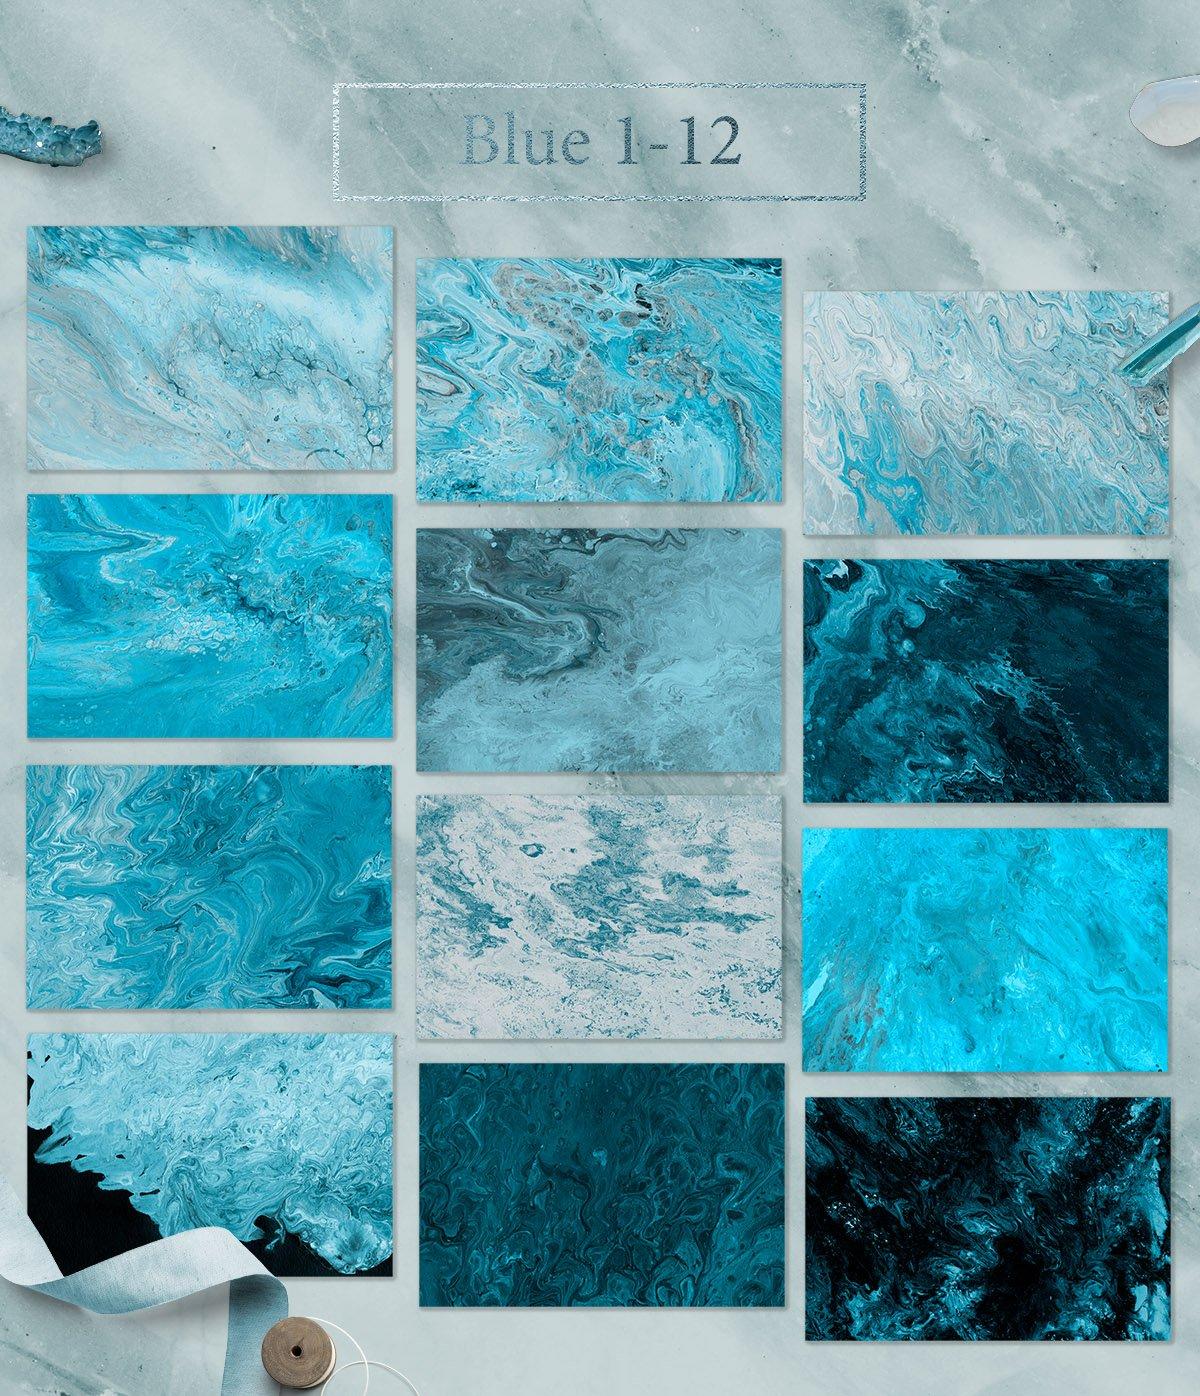 108款抽象手绘流体液体丙烯酸&大理石背景纹理 108 Flow Liquid Textures插图(3)